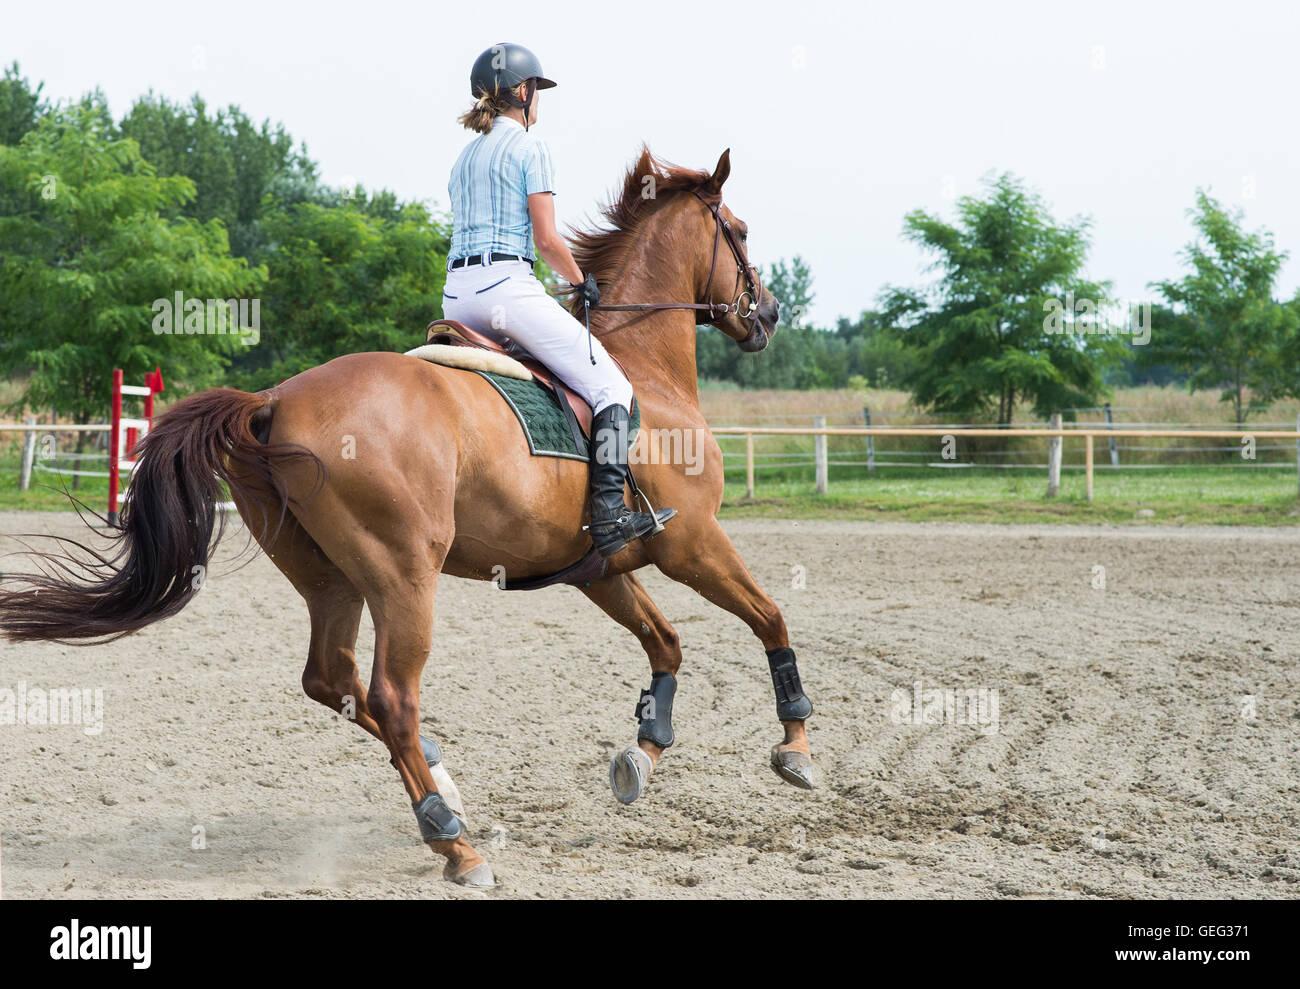 Sports équestres, saut à cheval, équitation, cso Photo Stock